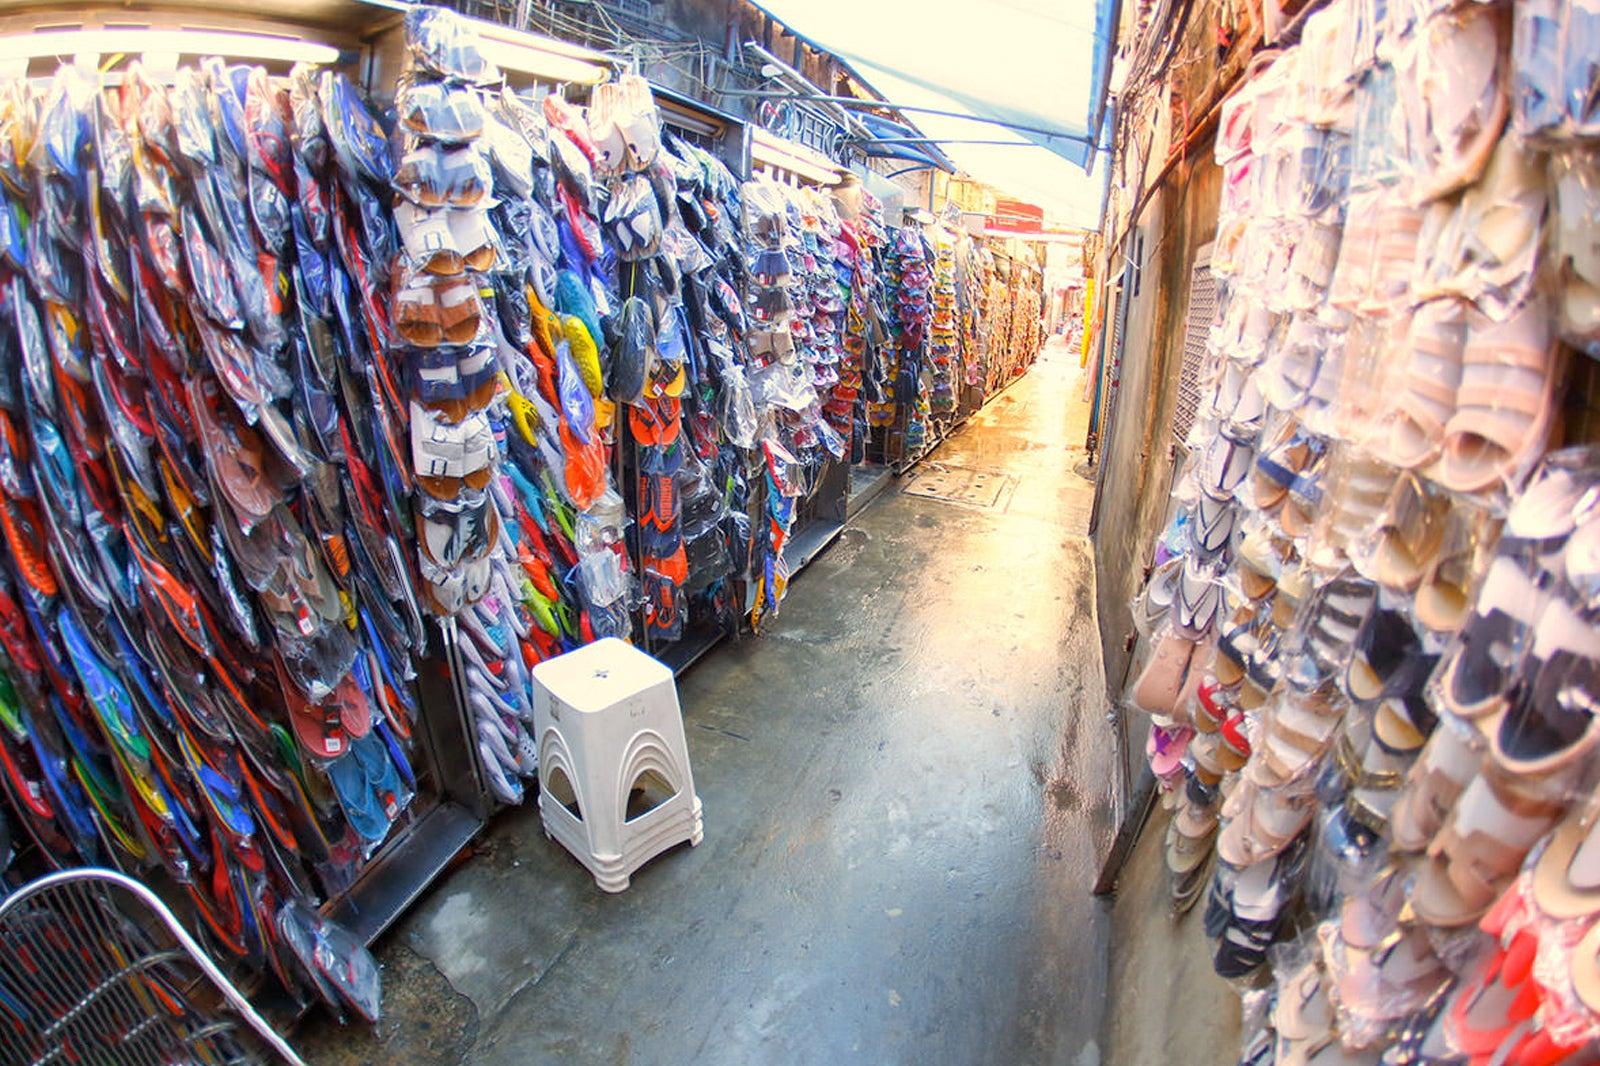 Sampeng Lane Market in Bangkok - Street Market in Chinatown Bangkok – Go Guides